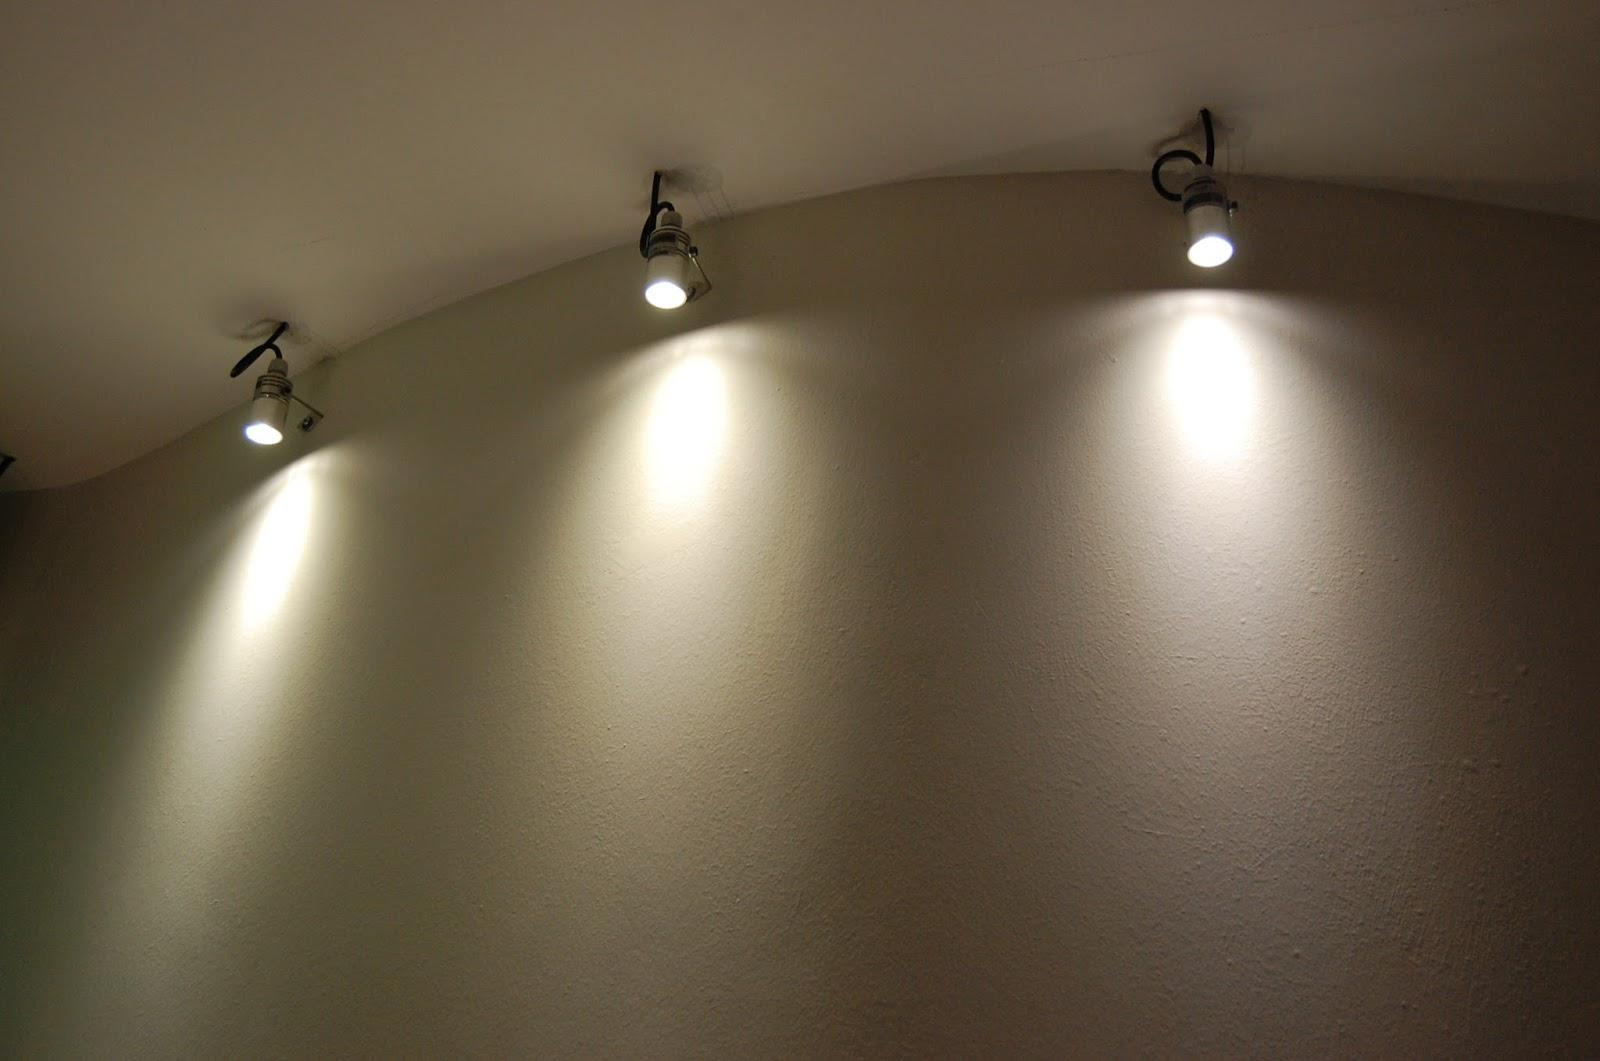 Illuminazione led casa illuminare a led gli ambienti con faretti